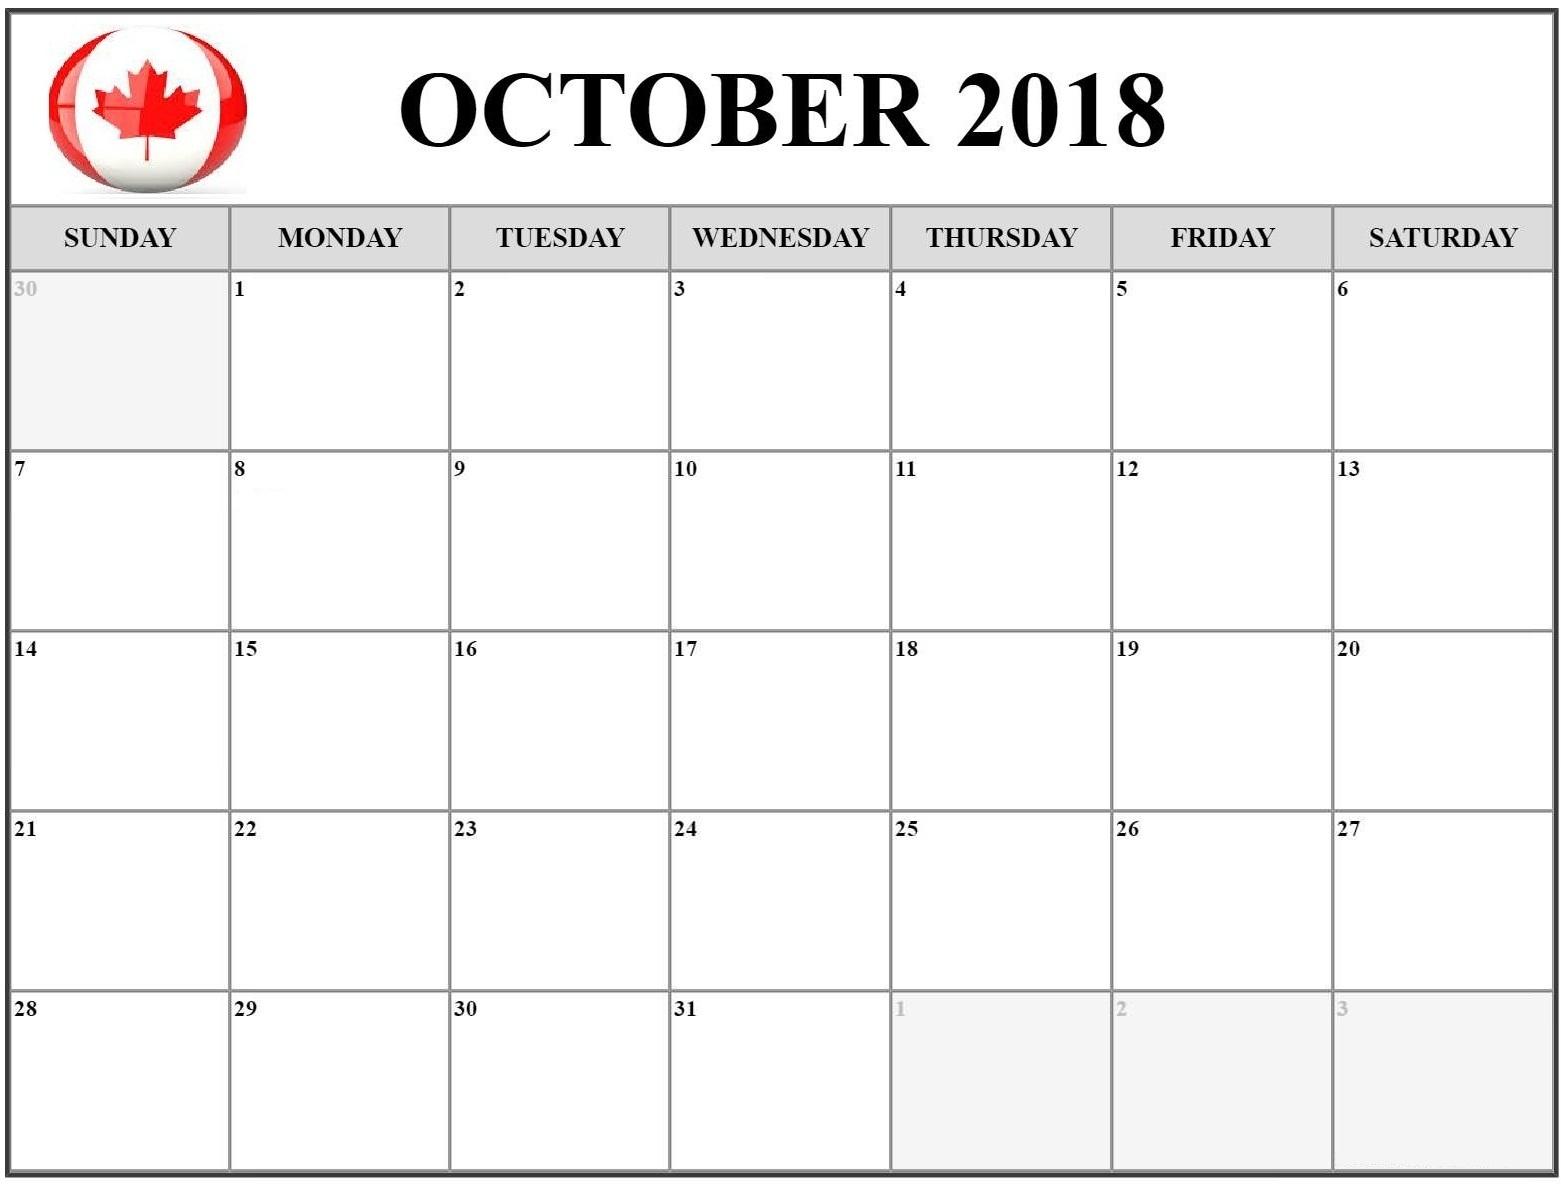 calendar october 2018 canada printable calendar template Calendar October 2018 Template erdferdf